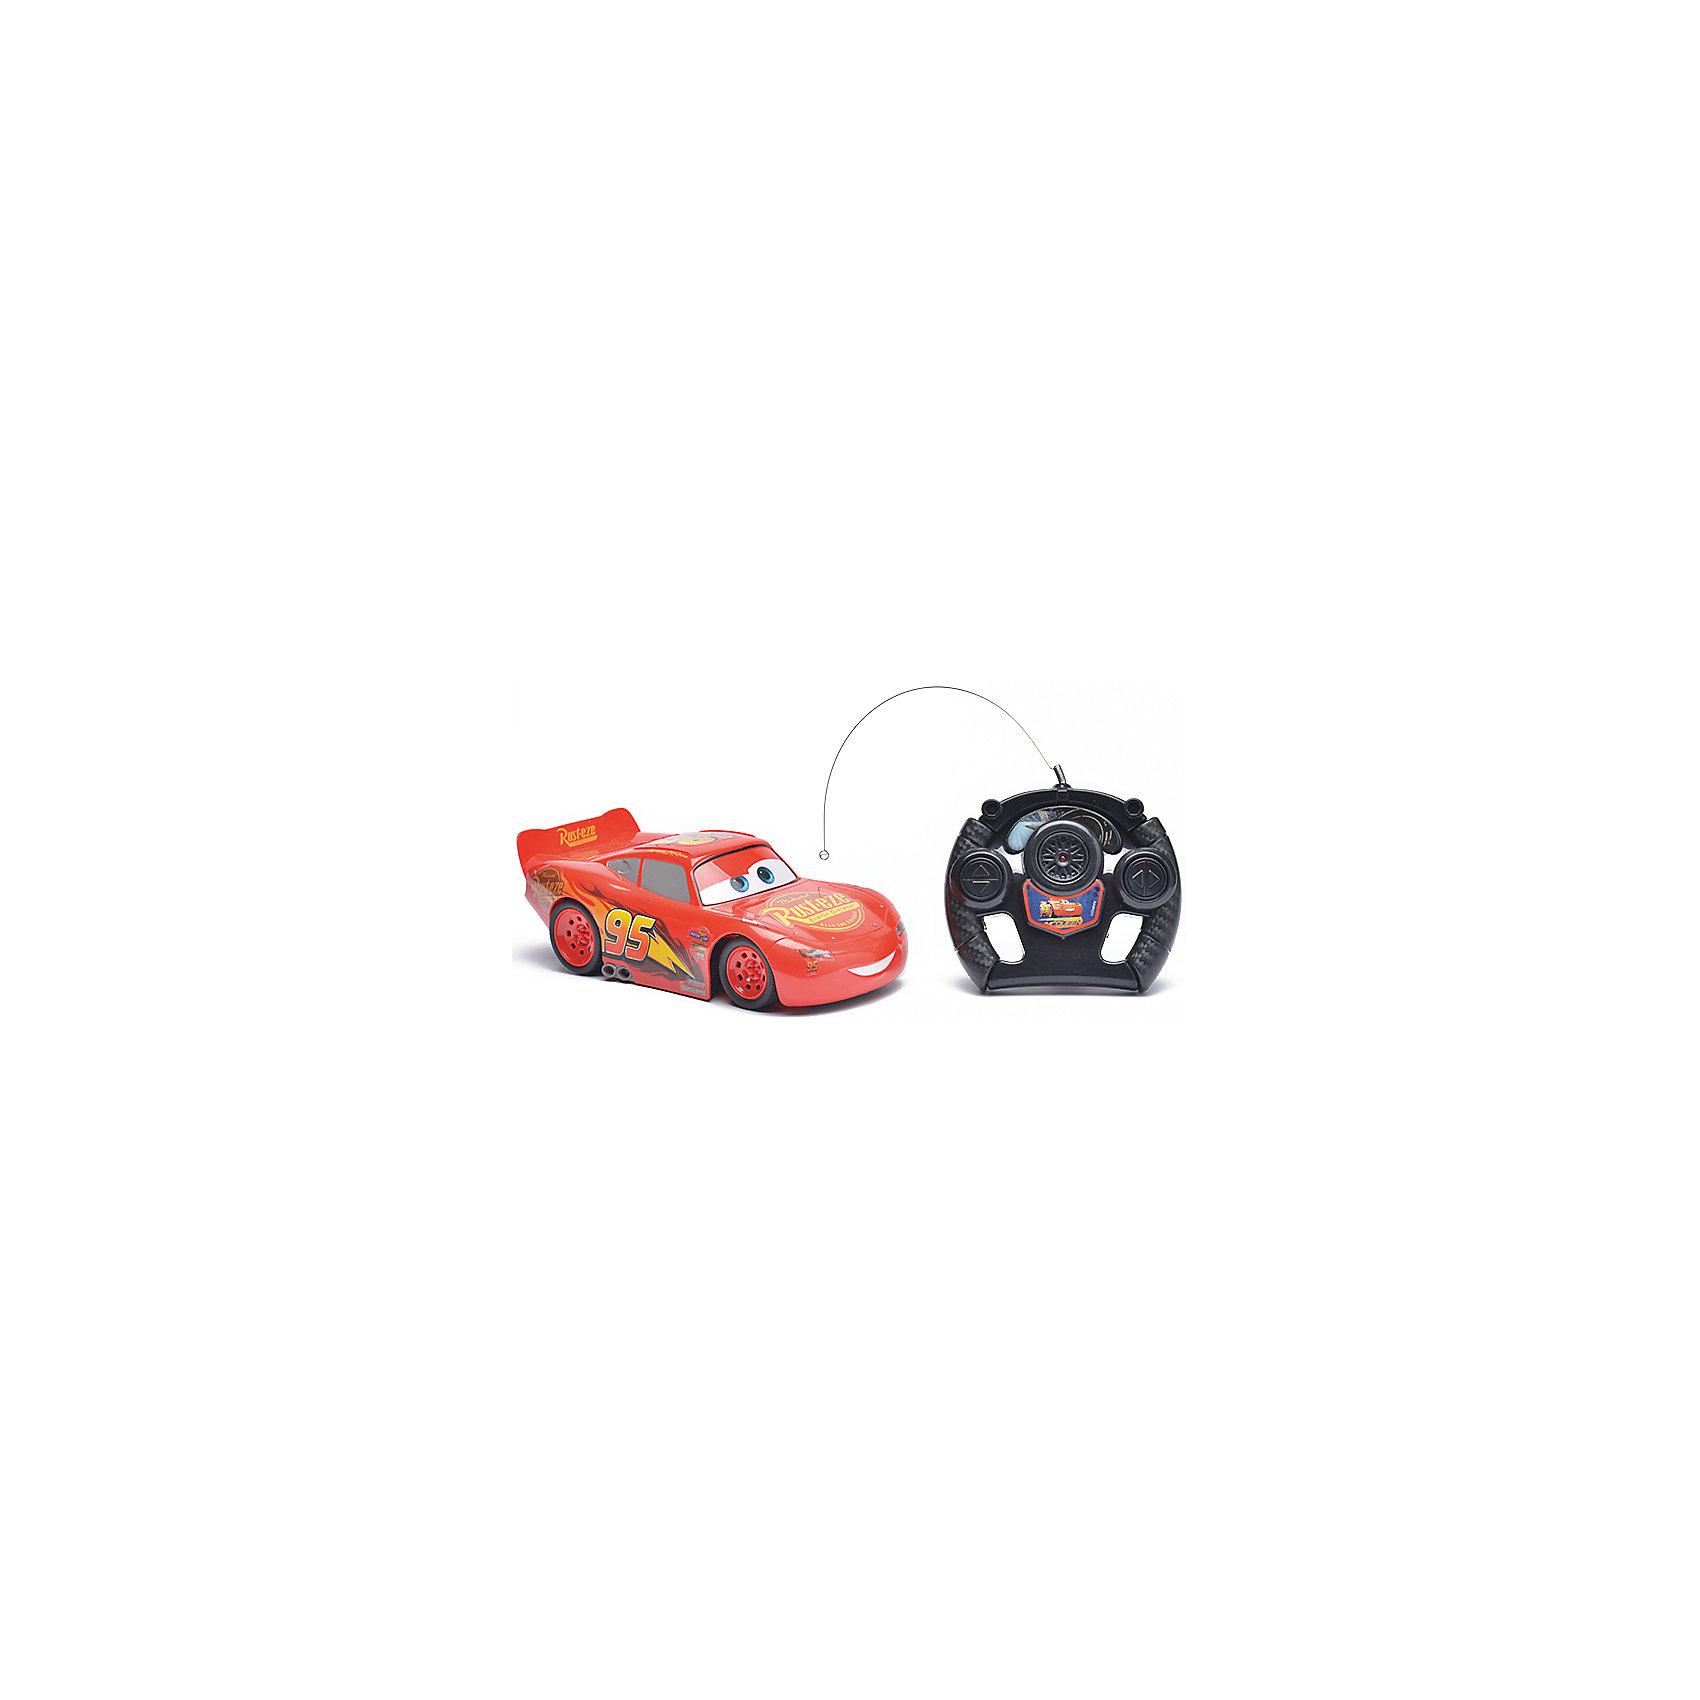 Радиоуправляемая машина Disney Молния Маккуин, 22 смТачки<br>Характеристики товара:<br><br>• размер игрушки: 22 см;<br>• управление: пульт ДУ;<br>• направление движения: вперед, назад, вправо, влево;<br>• в комплекте: автомобиль, пульт ДУ;<br>• цвет: красный/черный;<br>• батарейки: АА - 5 шт. (не входят в комплект);<br>• материал: пластик;<br>• размер упаковки: 15,5х13,5х36 см;<br>• вес: 523 грамма;<br>• возраст: от 3 лет.<br><br>Радиоуправляемая машина Молния Маккуин - прекрасный подарок для любителей мультфильма «Тачки». Маккуин управляется пультом дистанционного управления и ездит в четырех направлениях: вперед, назад, вправо и влево. <br><br>Пульт выполнен в виде руля, поэтому ребенок сможет представить себя гонщиком, сидящим за рулем гоночного автомобиля. Игрушка изготовлена из прочного пластика, безопасного для детей. Для работы необходимы 5 батареек АА (не входят в комплект).<br><br>Радиоуправляемую машину Disney Молния Маккуин, 22 см можно купить в нашем интернет-магазине.<br><br>Ширина мм: 360<br>Глубина мм: 135<br>Высота мм: 155<br>Вес г: 523<br>Возраст от месяцев: 36<br>Возраст до месяцев: 72<br>Пол: Мужской<br>Возраст: Детский<br>SKU: 6982803